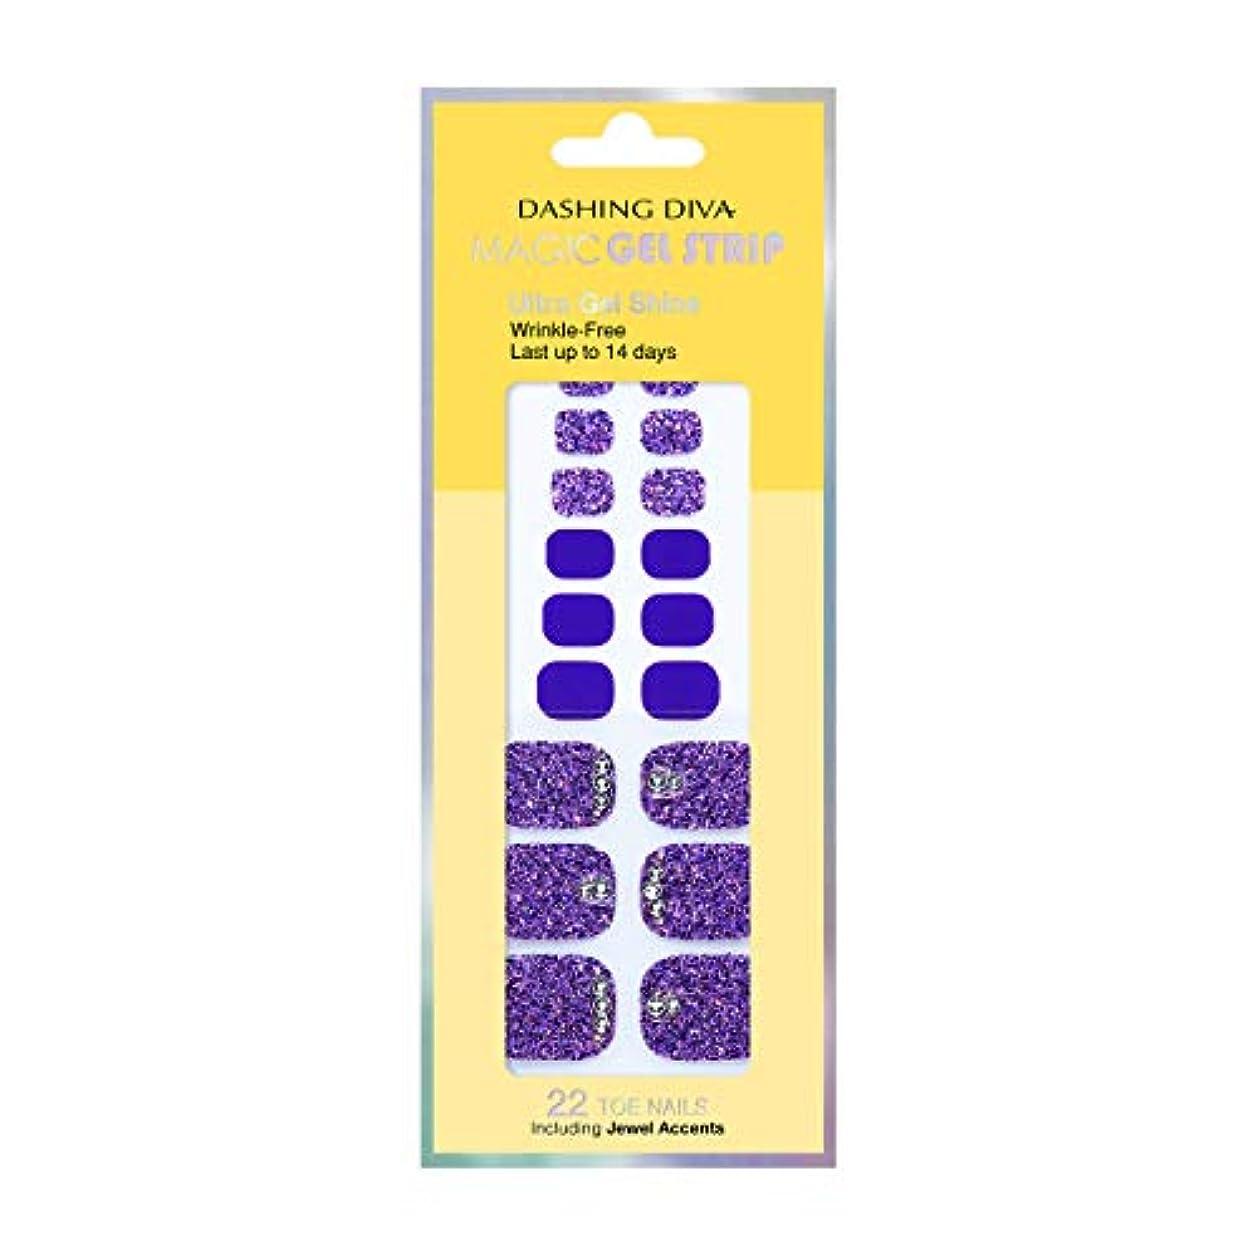 スキームトリップ苦難ダッシングディバ マジックジェルストリップ DASHING DIVA Magic Gel Strip DGST77P-DURY+ オリジナルジェル ネイルシール Bling-jewel Sparkle Purple